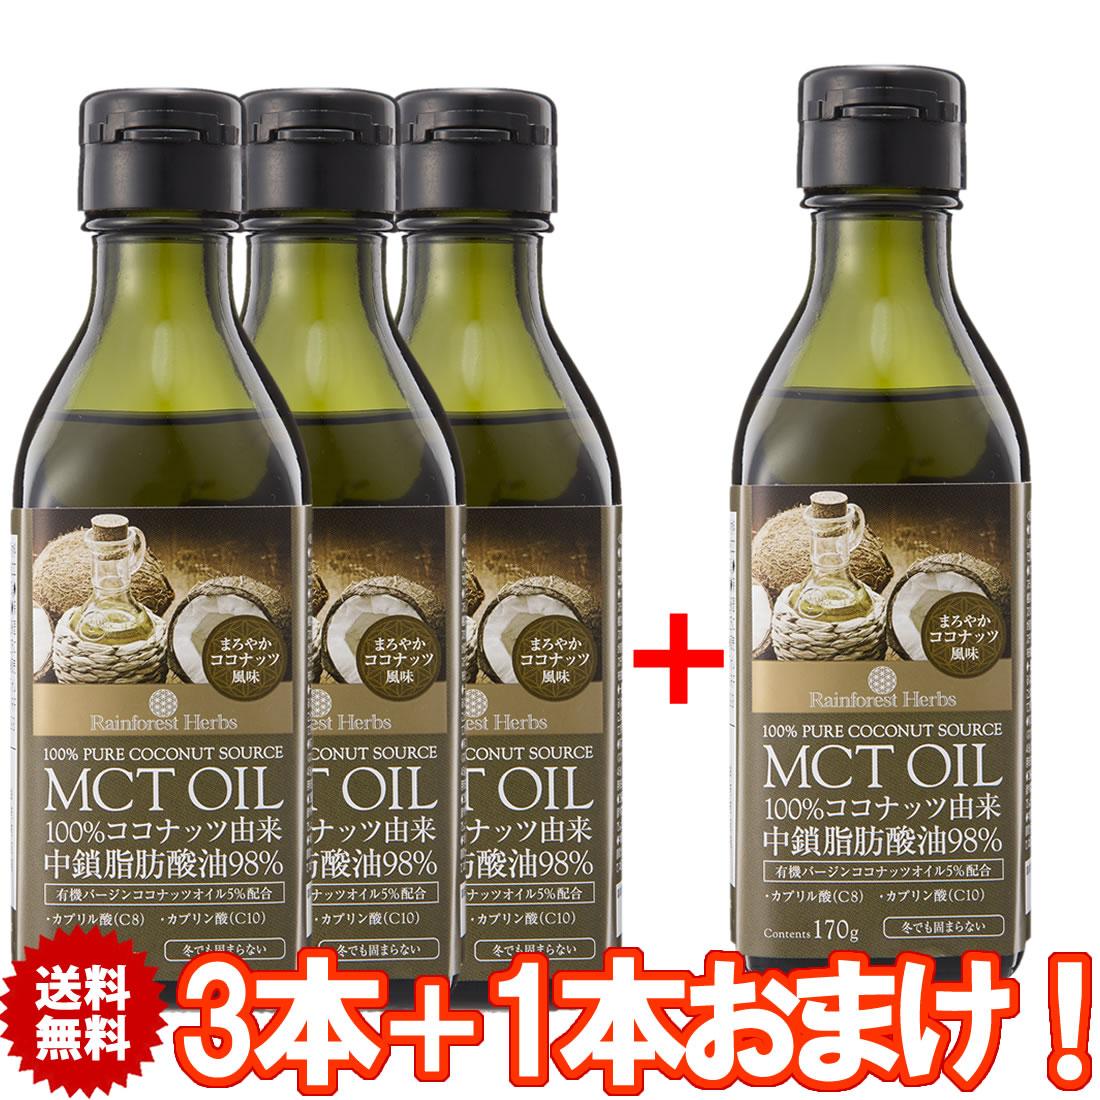 1本おまけキャンペーン!日本で充填 中鎖脂肪酸のみを抽出したサプリメントの様な高機能オイルココナッツ風味 MCTオイルダイエット 完全無欠コーヒー 【スーパーセールP10倍】1本おまけ MCTオイル ココナッツ由来100% 170g 3本+1本 MCT オイル タイ産 ケトン体 ダイエット 中鎖脂肪酸 バターコーヒー 糖質制限 スーパーSALE割引